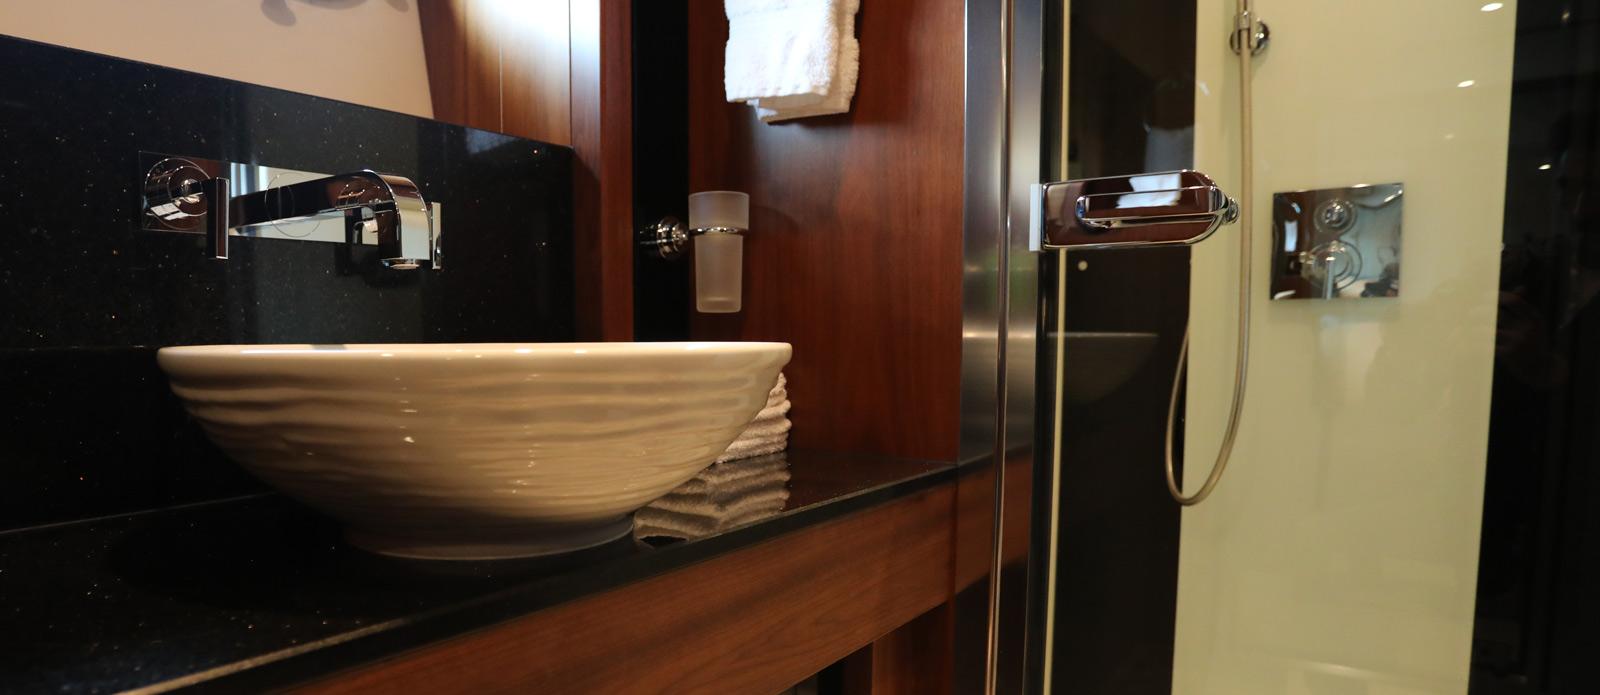 Sunseeker-30-Metre-Yacht-Coraysa-Guest-En-Suite